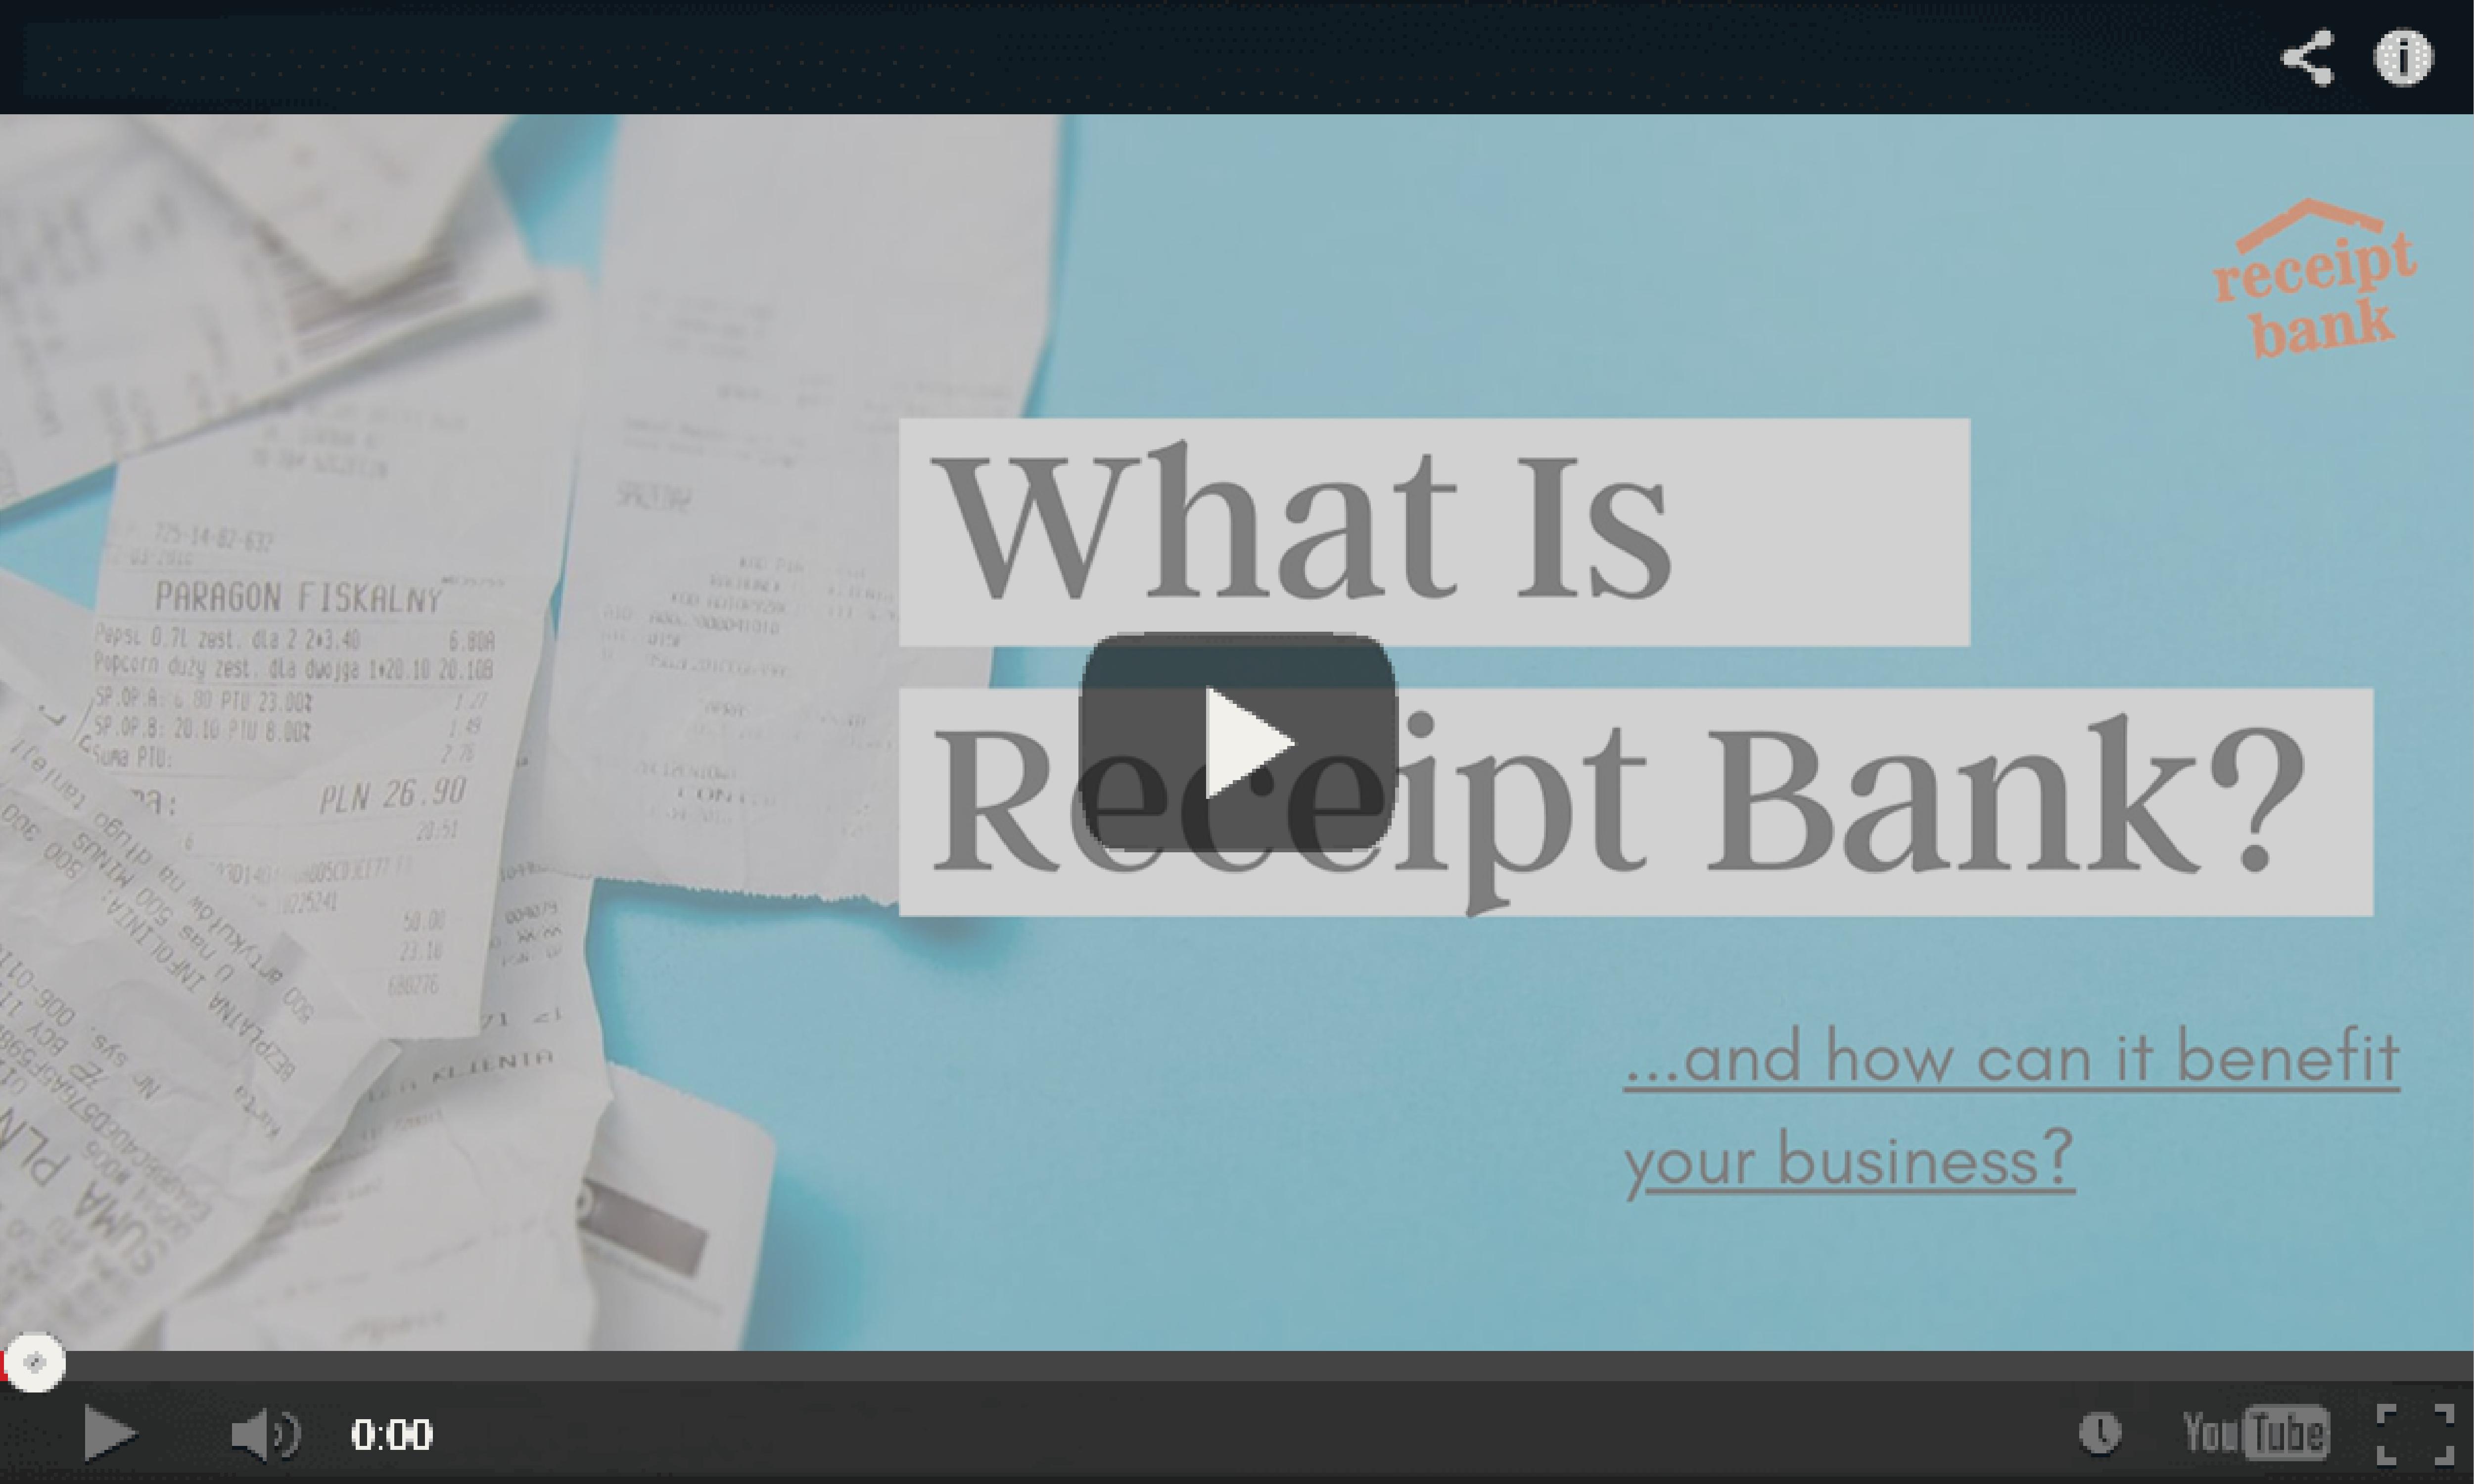 Receipt Bank Video 002-02